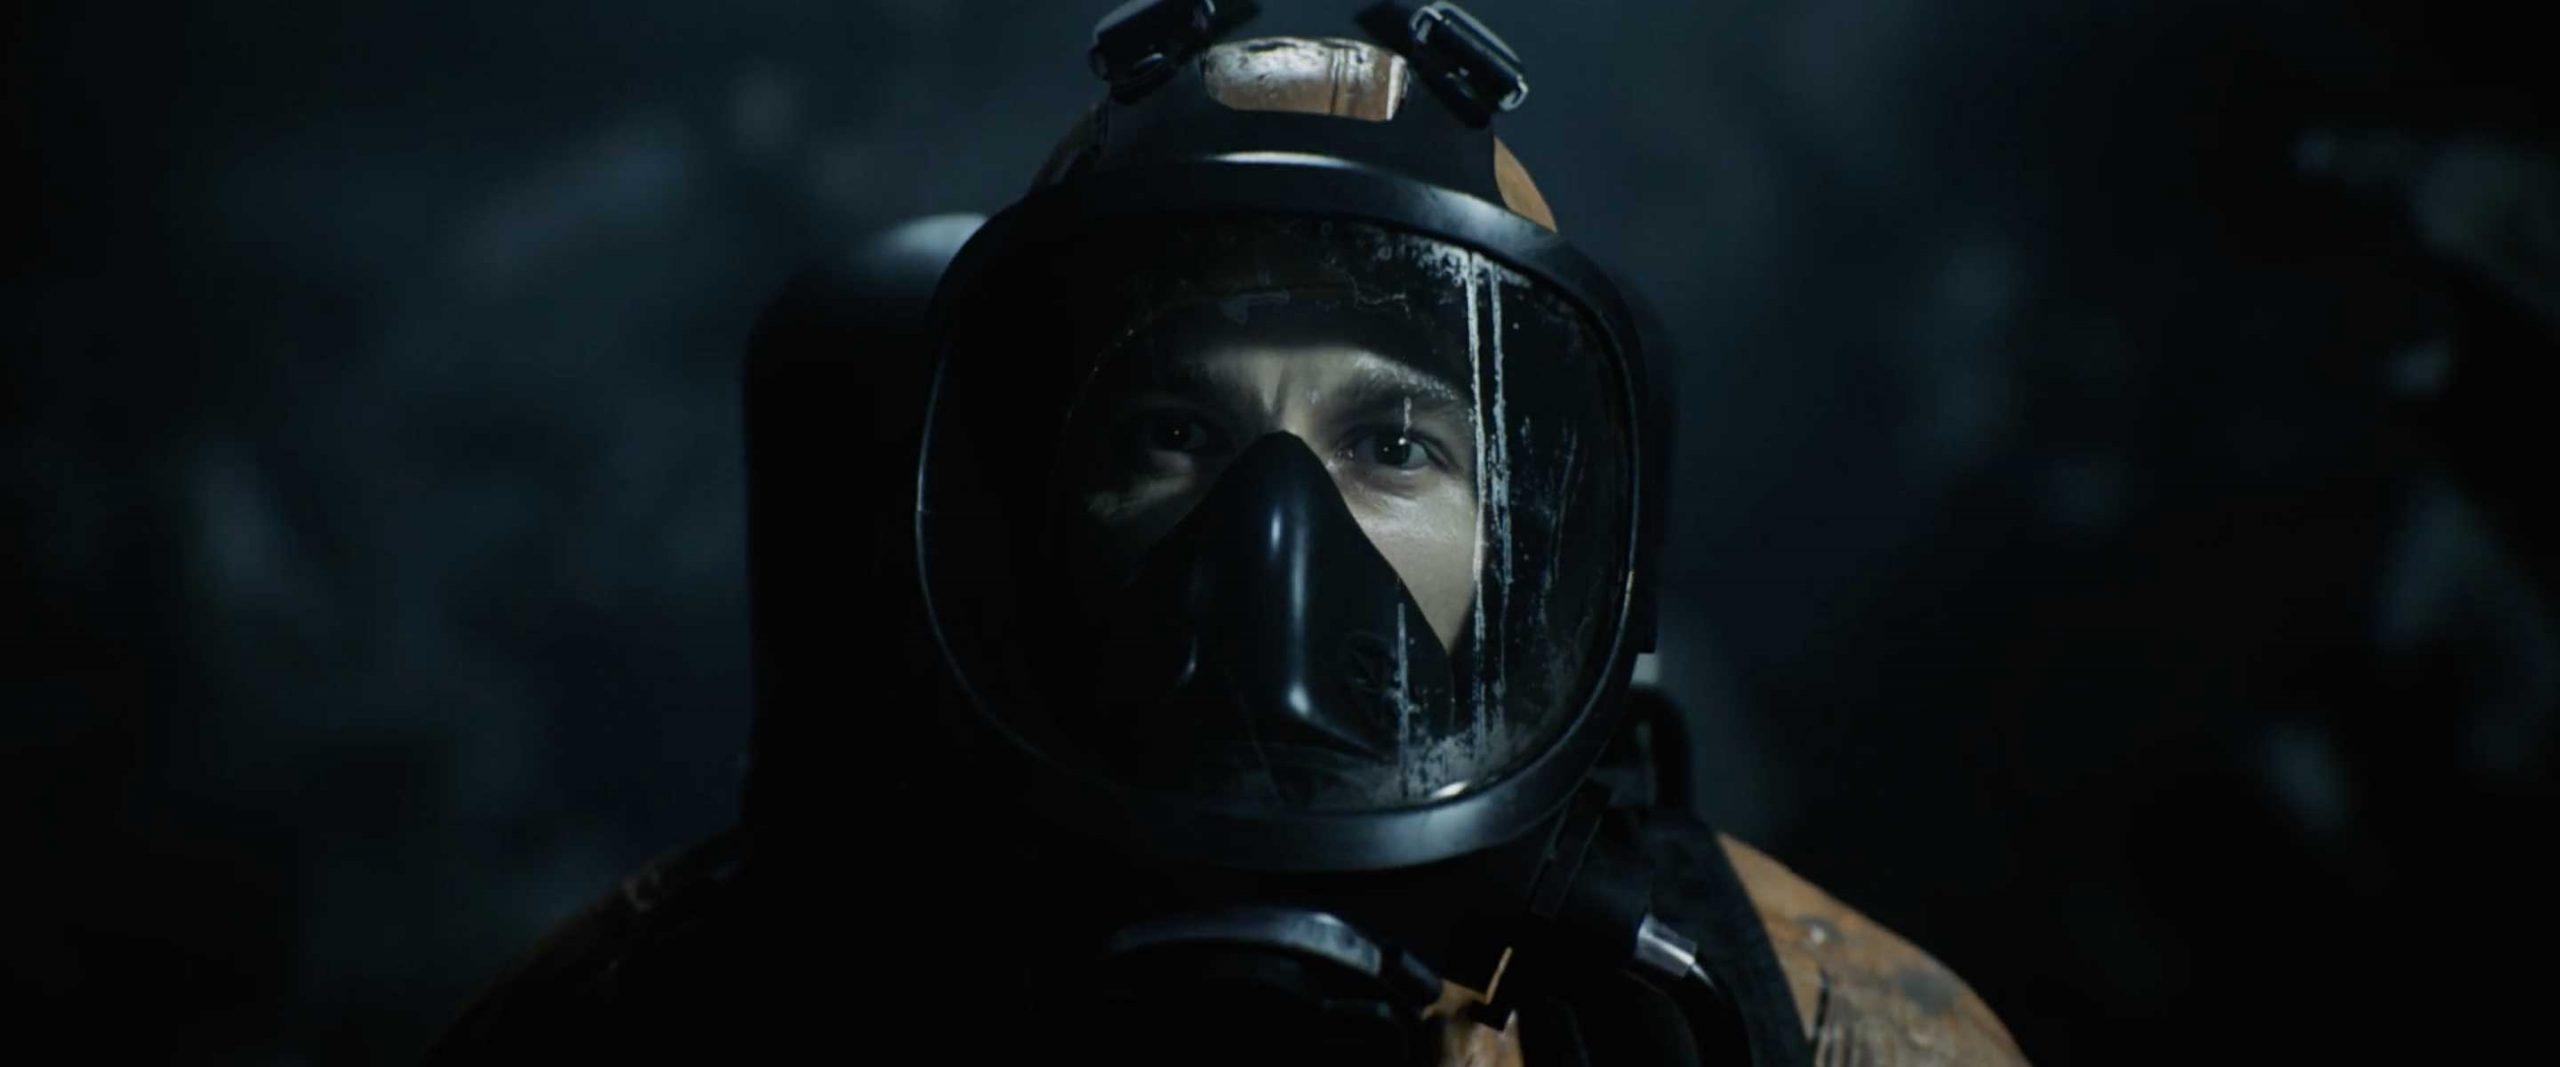 """""""Irradiation"""" Short Film by Sava Zivkovic   STASH MAGAZINE"""